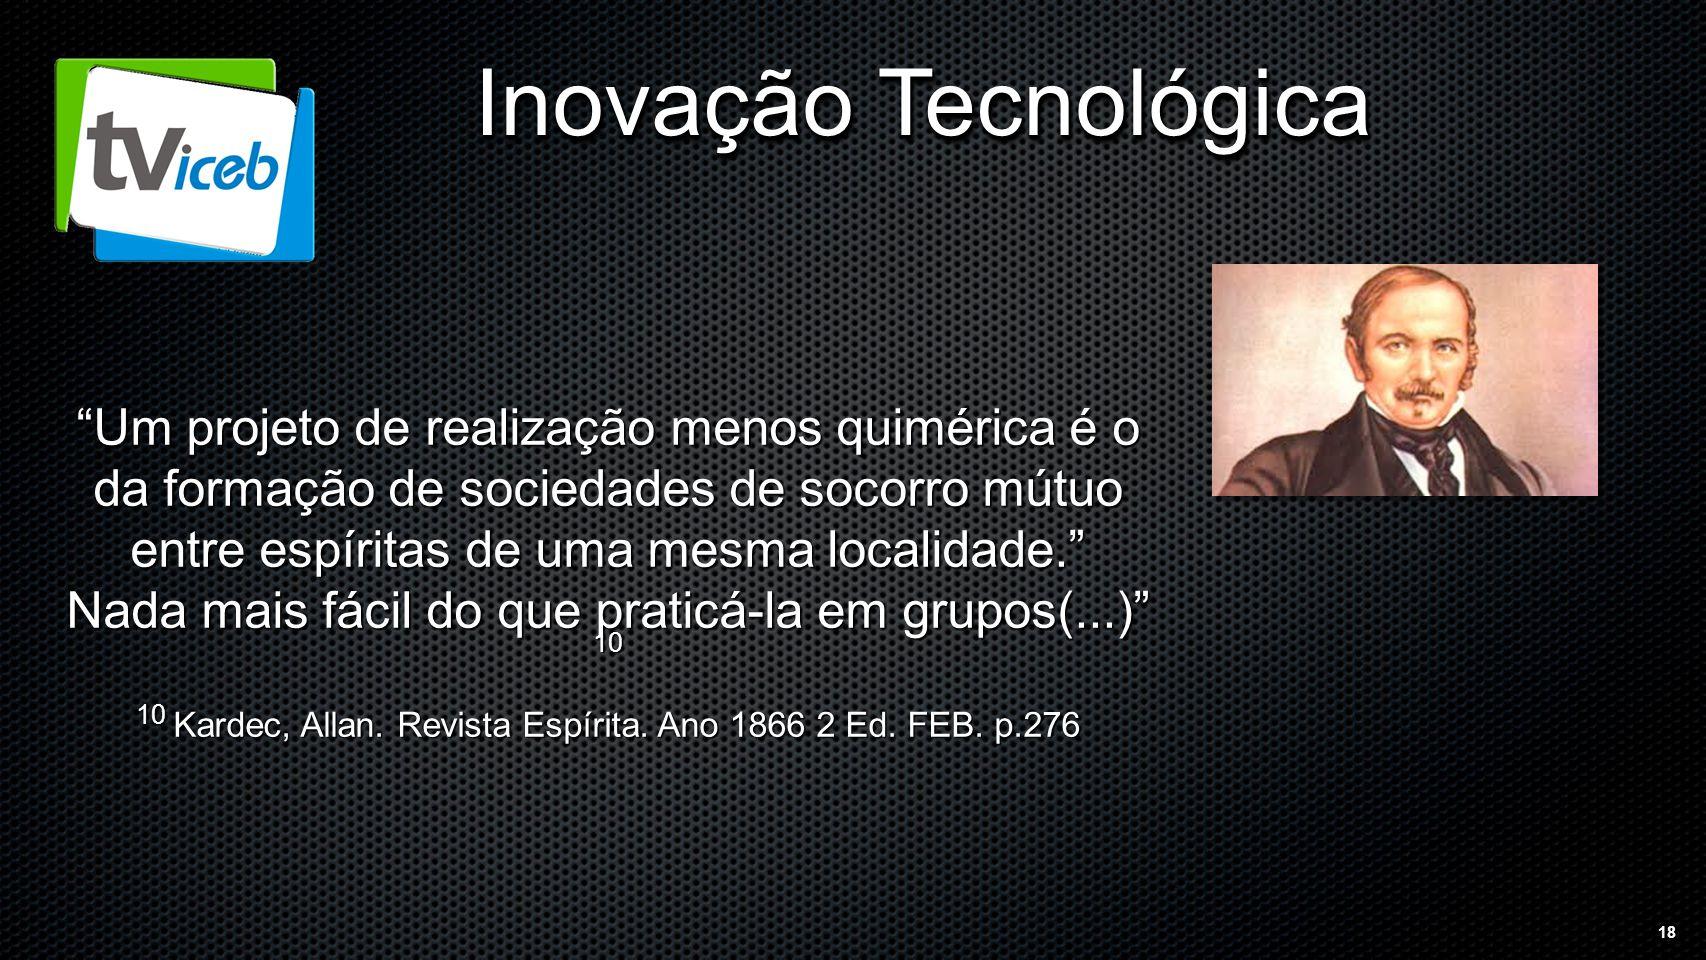 18 Inovação Tecnológica Um projeto de realização menos quimérica é o da formação de sociedades de socorro mútuo entre espíritas de uma mesma localidade. Nada mais fácil do que praticá-la em grupos(...) 10 10 Kardec, Allan.